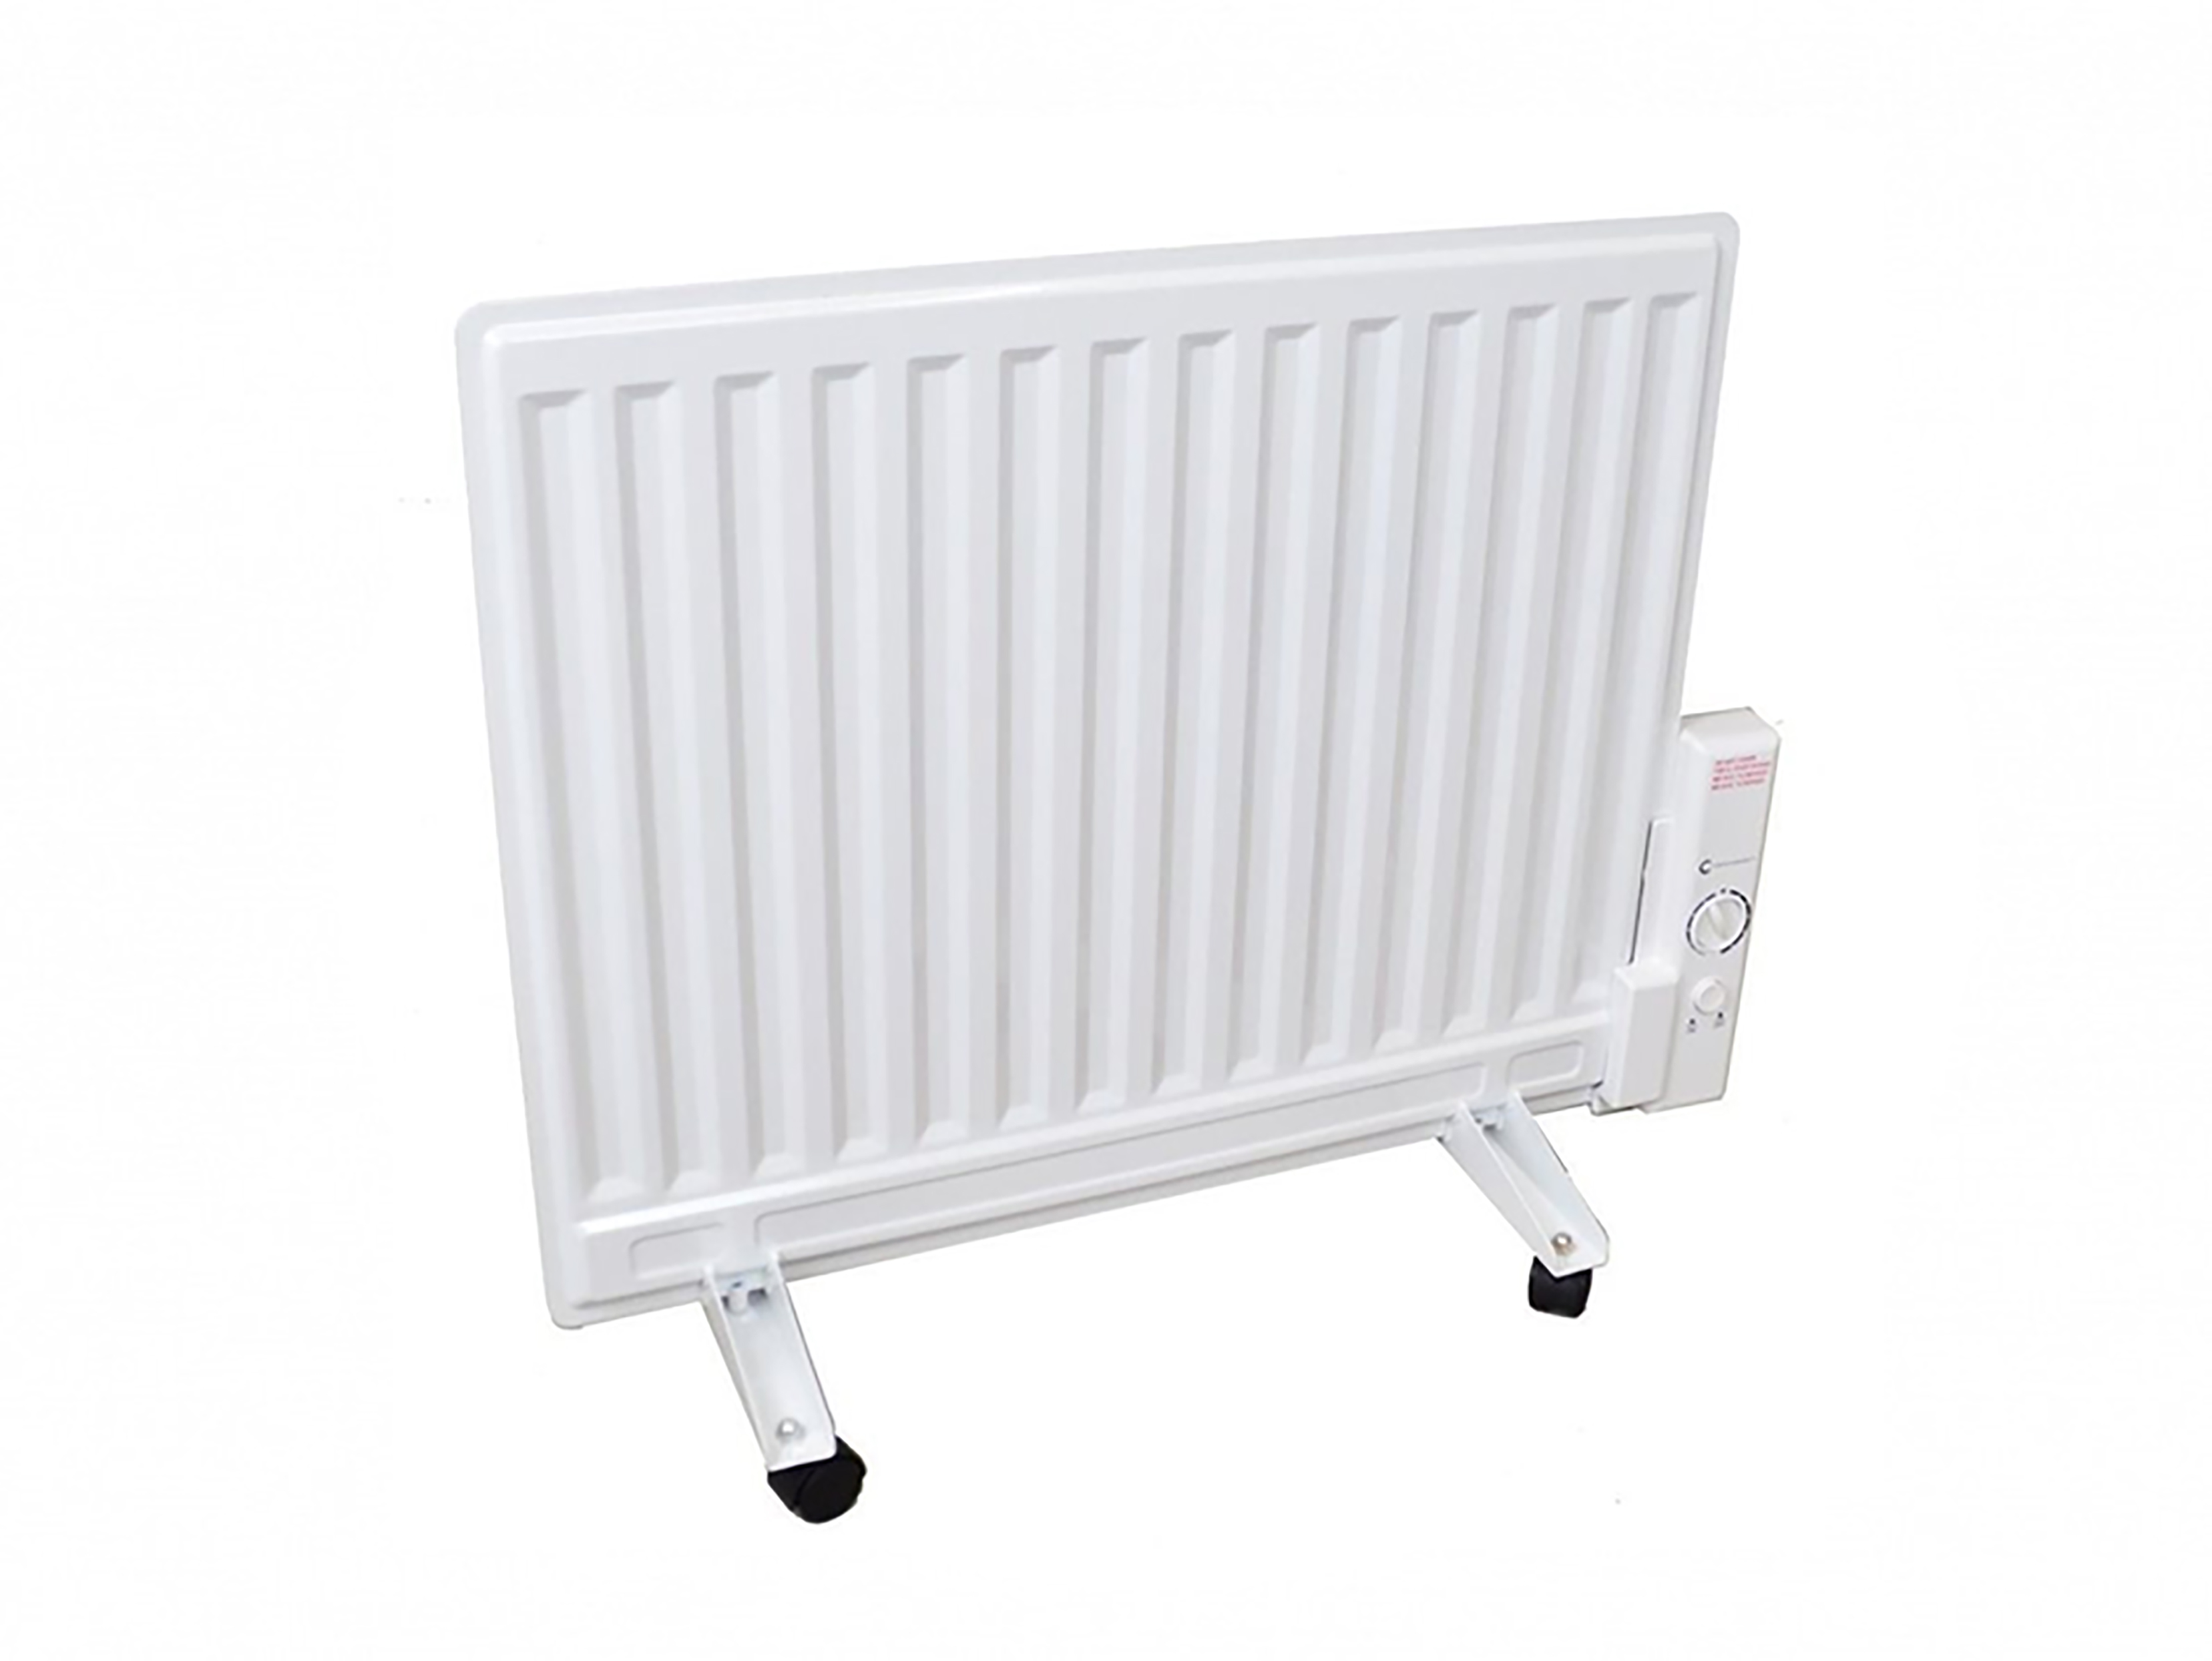 Θερμοπομπός - Καλοριφέρ Λαδιού 600W σε Λευκό χρώμα, 22371 - Cb είδη θέρμανσης ψύξης   αερόθερμα   καλοριφέρ